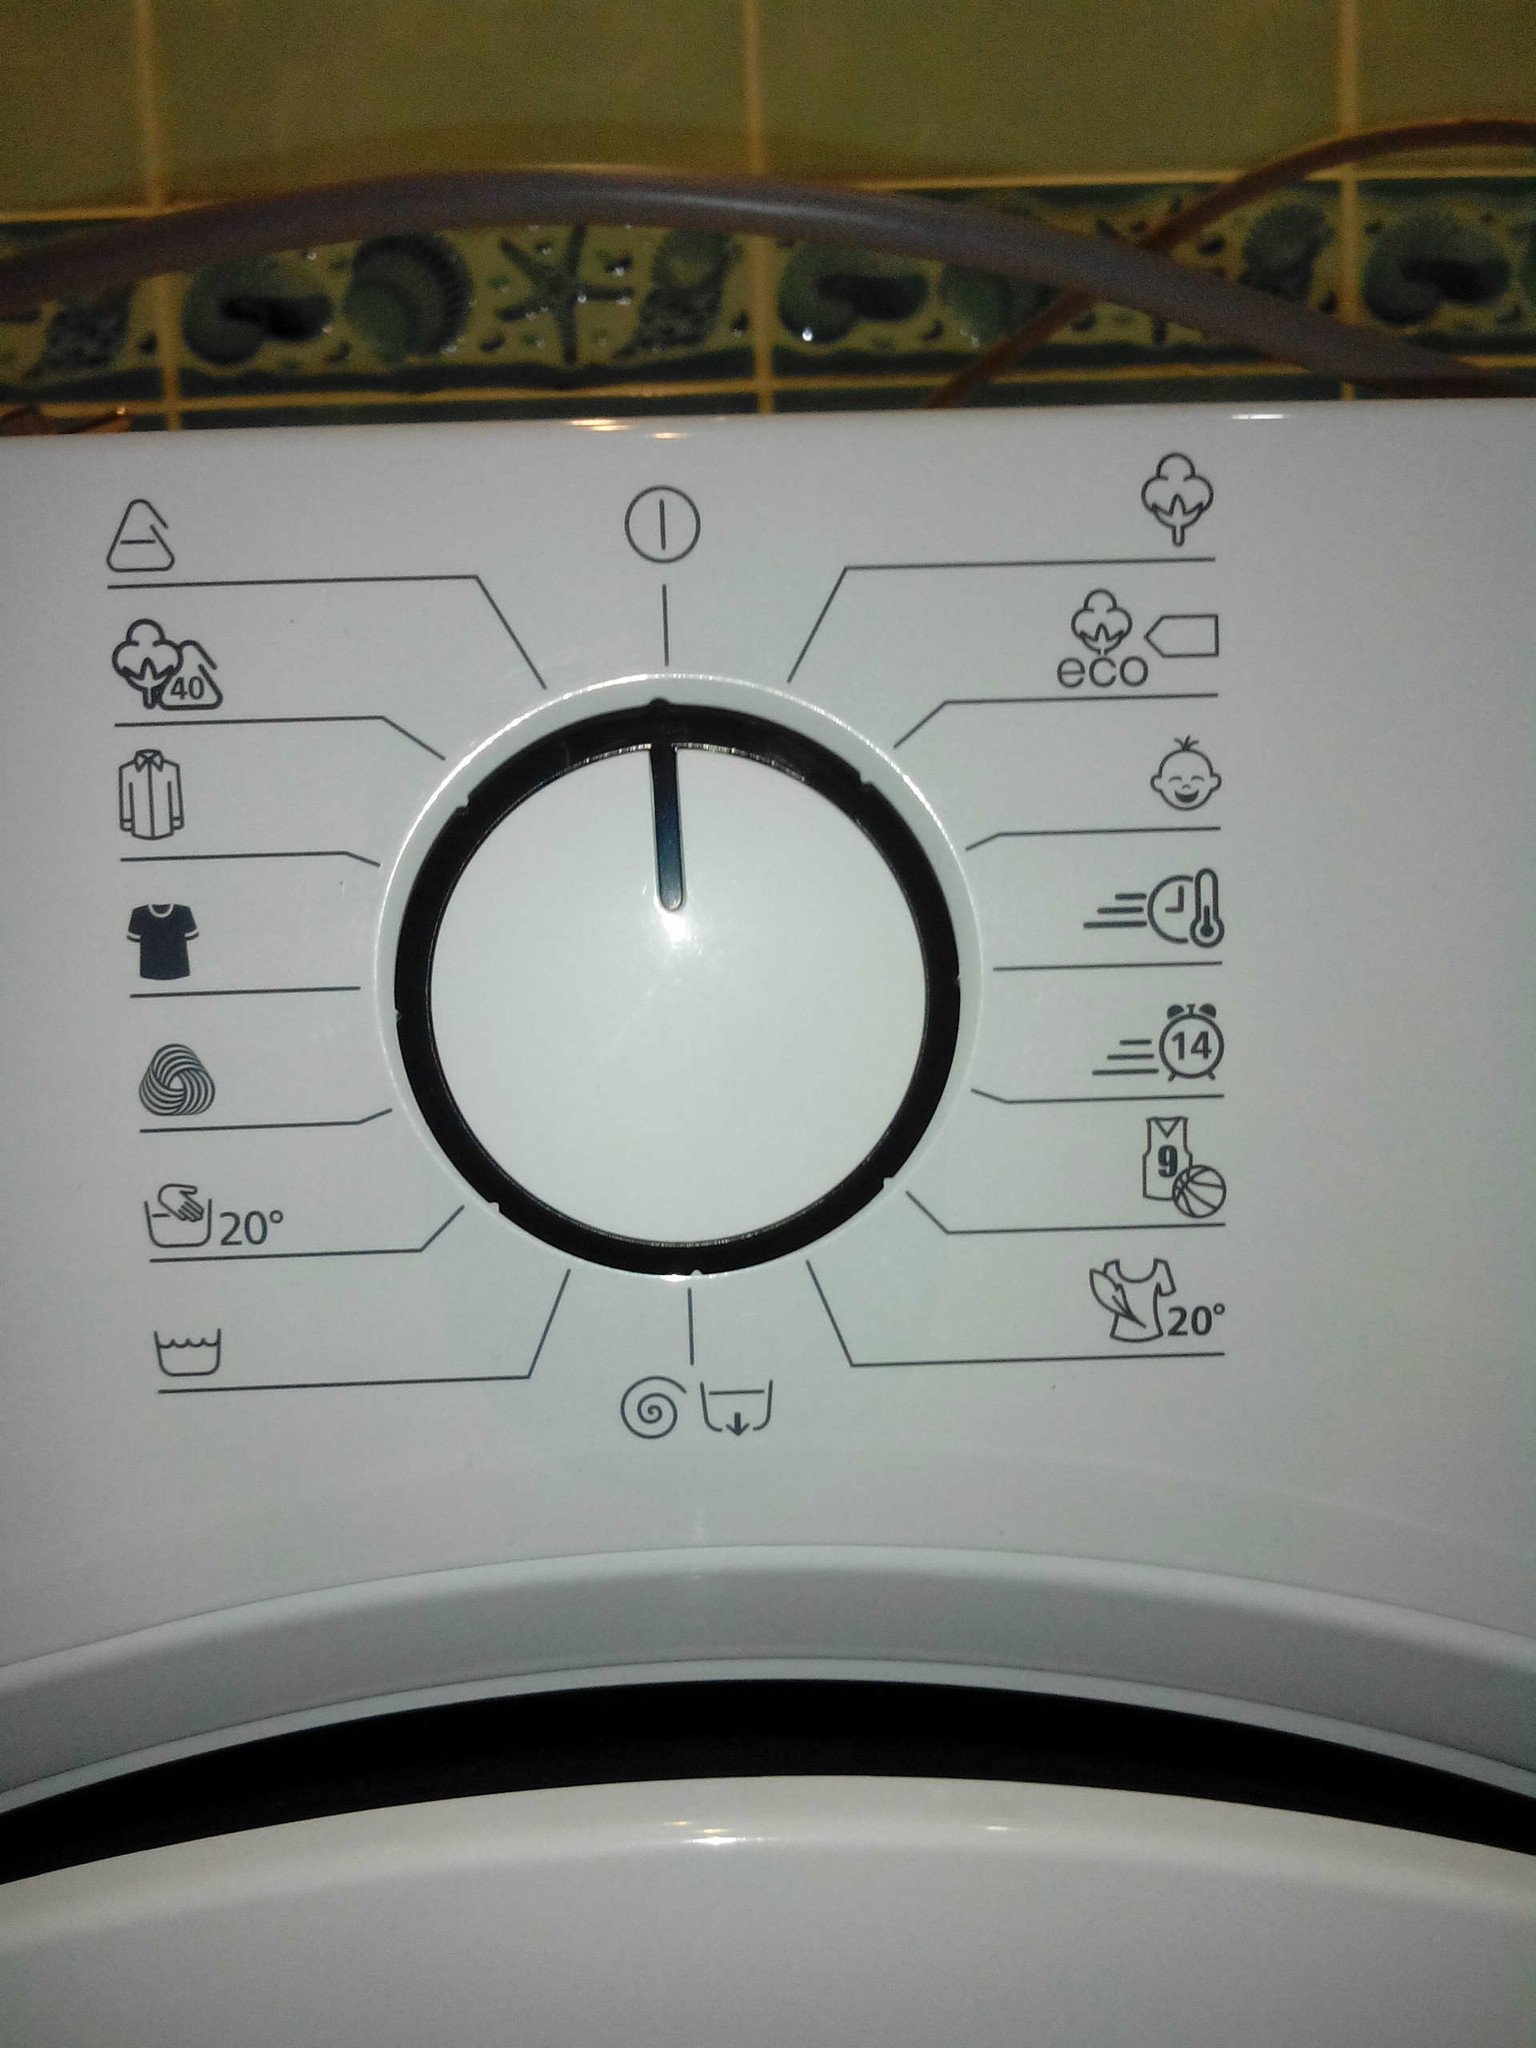 обозначения на стиральных машинах